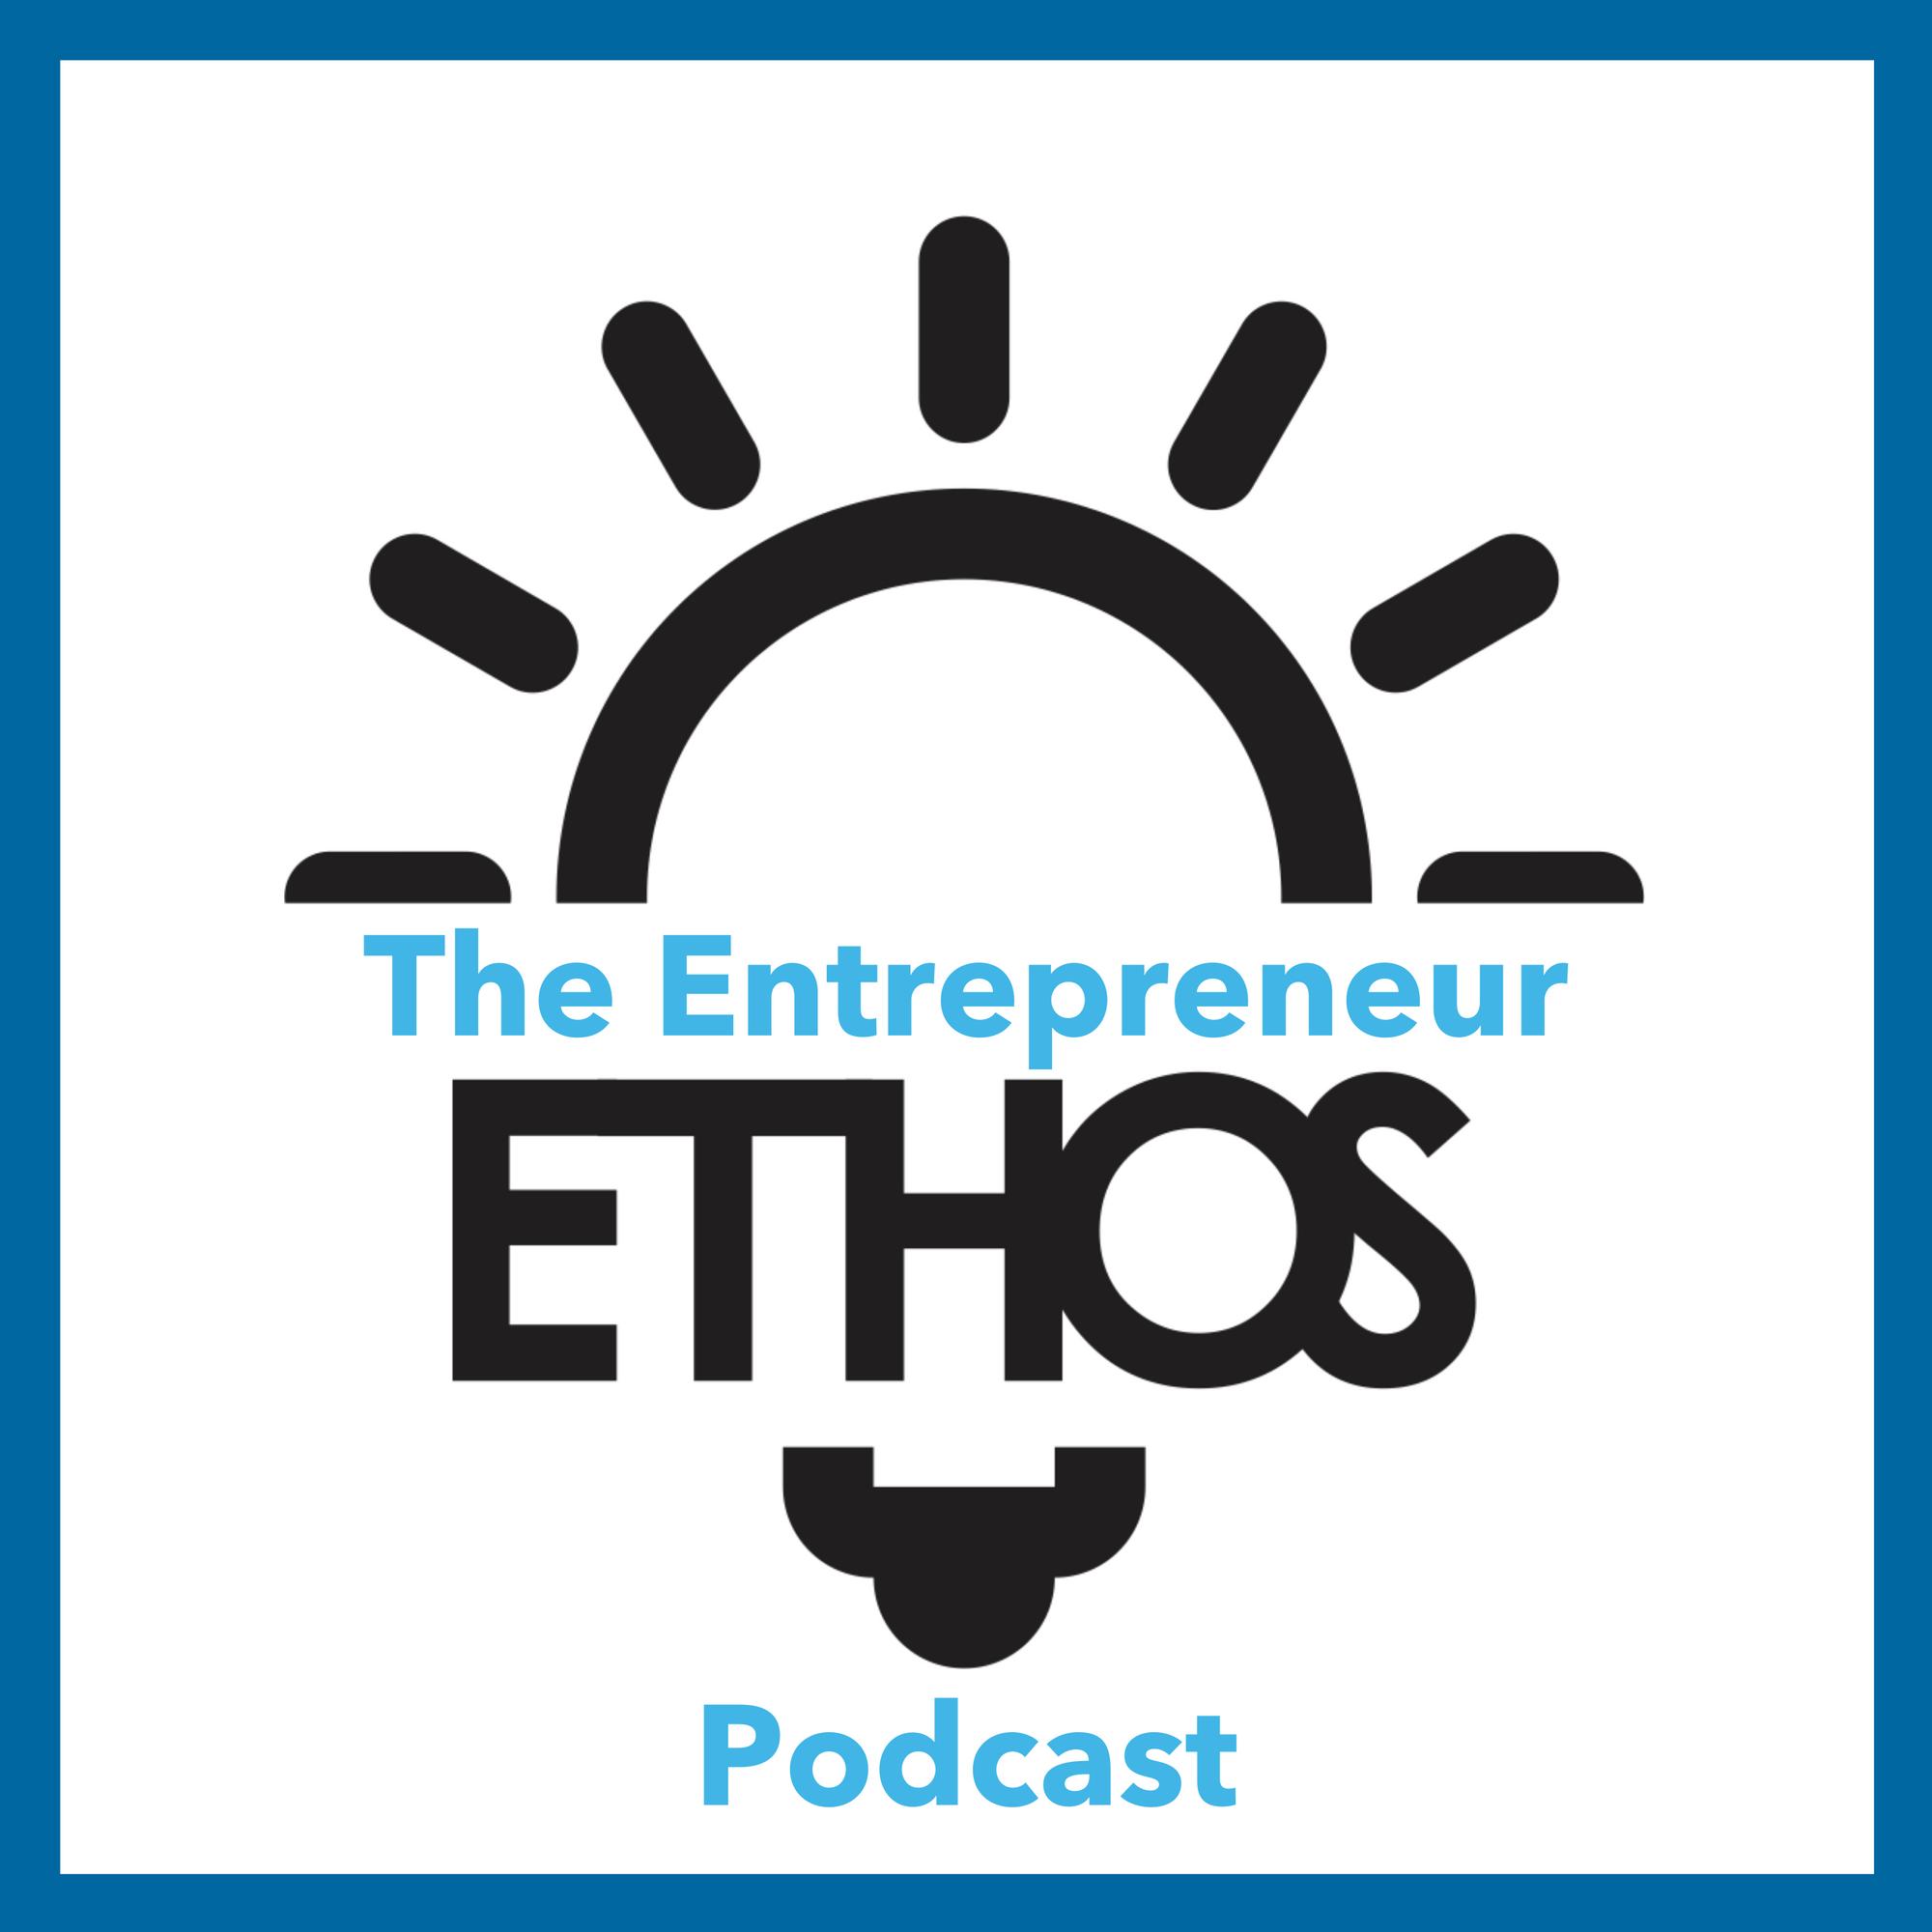 The Entrepreneur Ethos